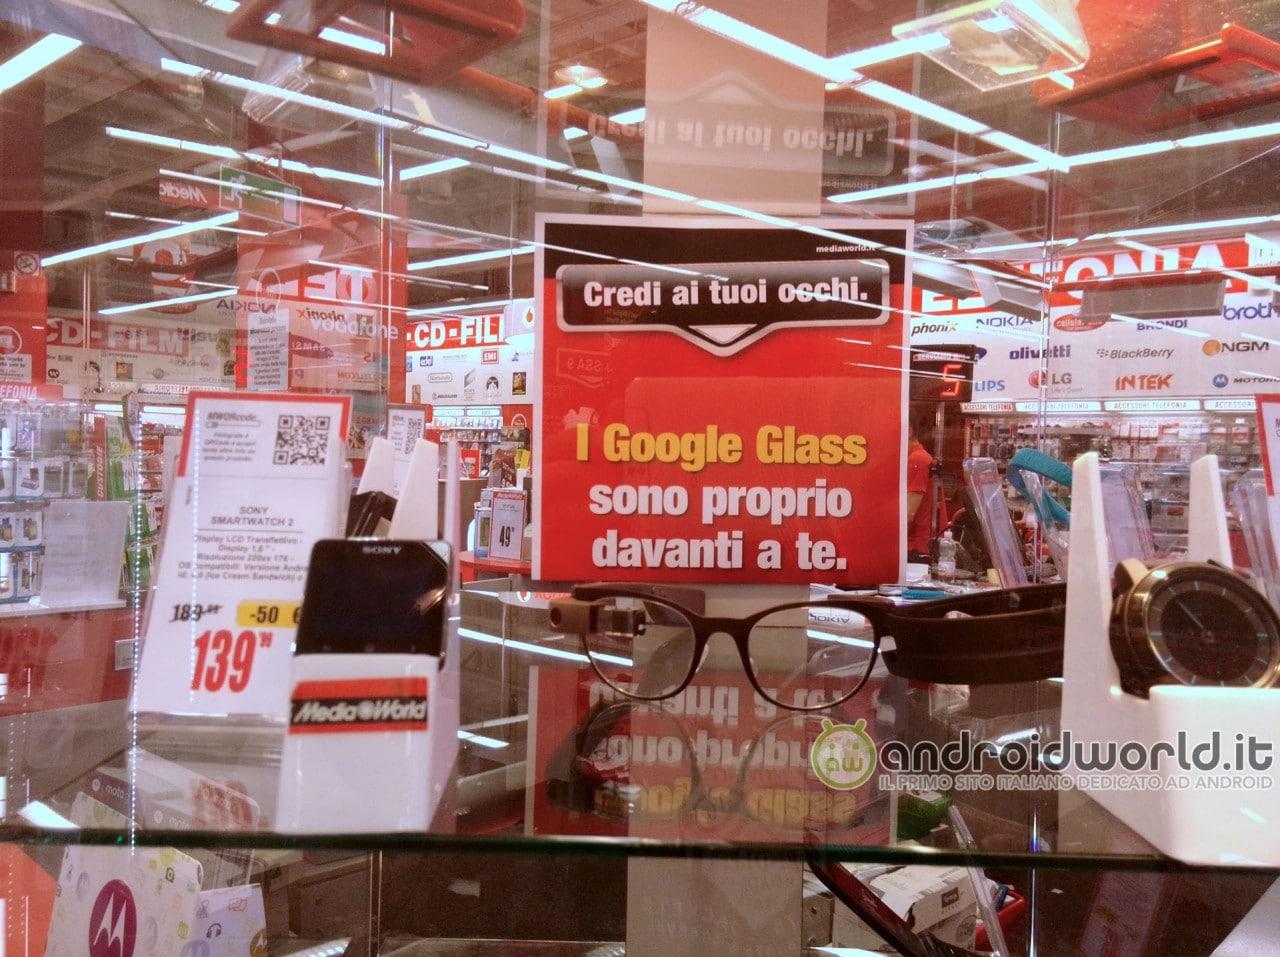 Google non ha autorizzato la vendita dei Glass in Italia: la smentita ufficiale